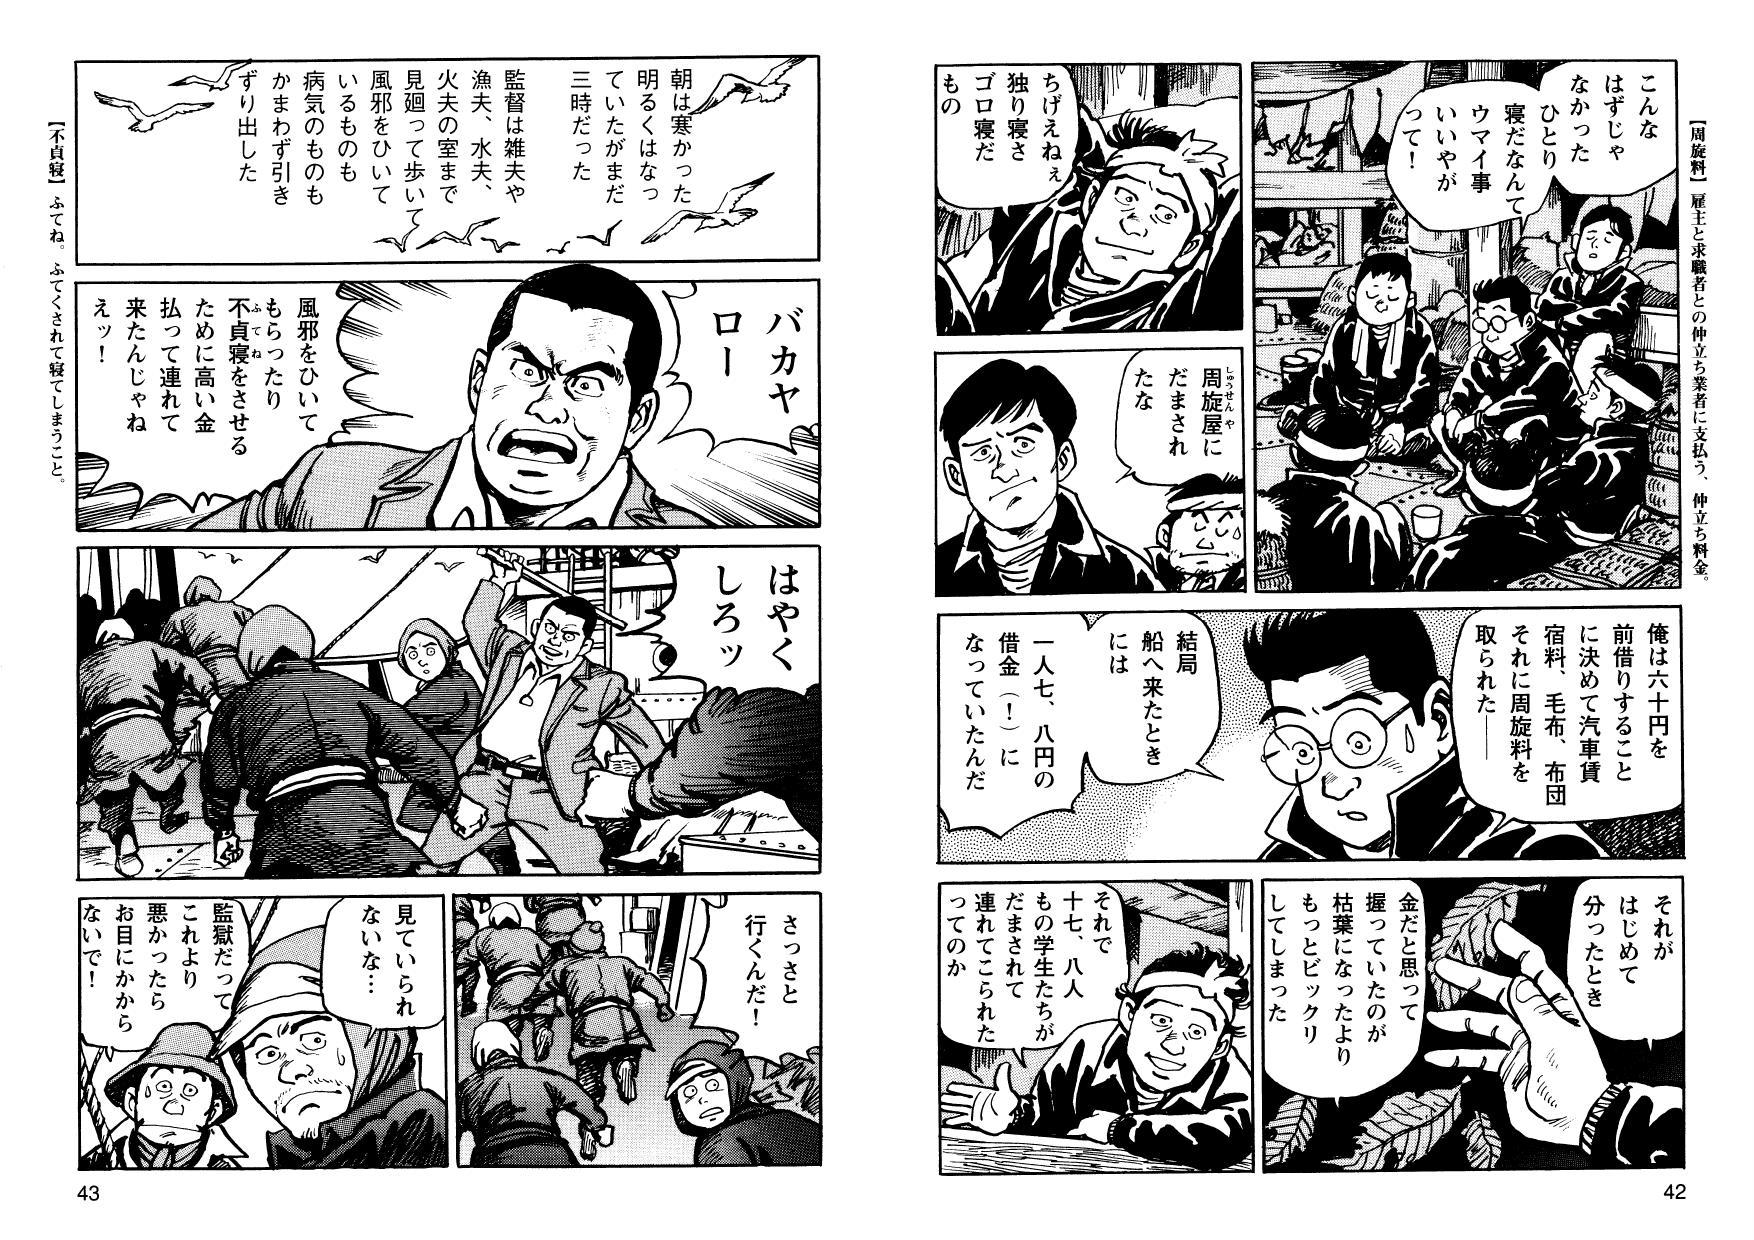 kani_cmc_000022.jpg